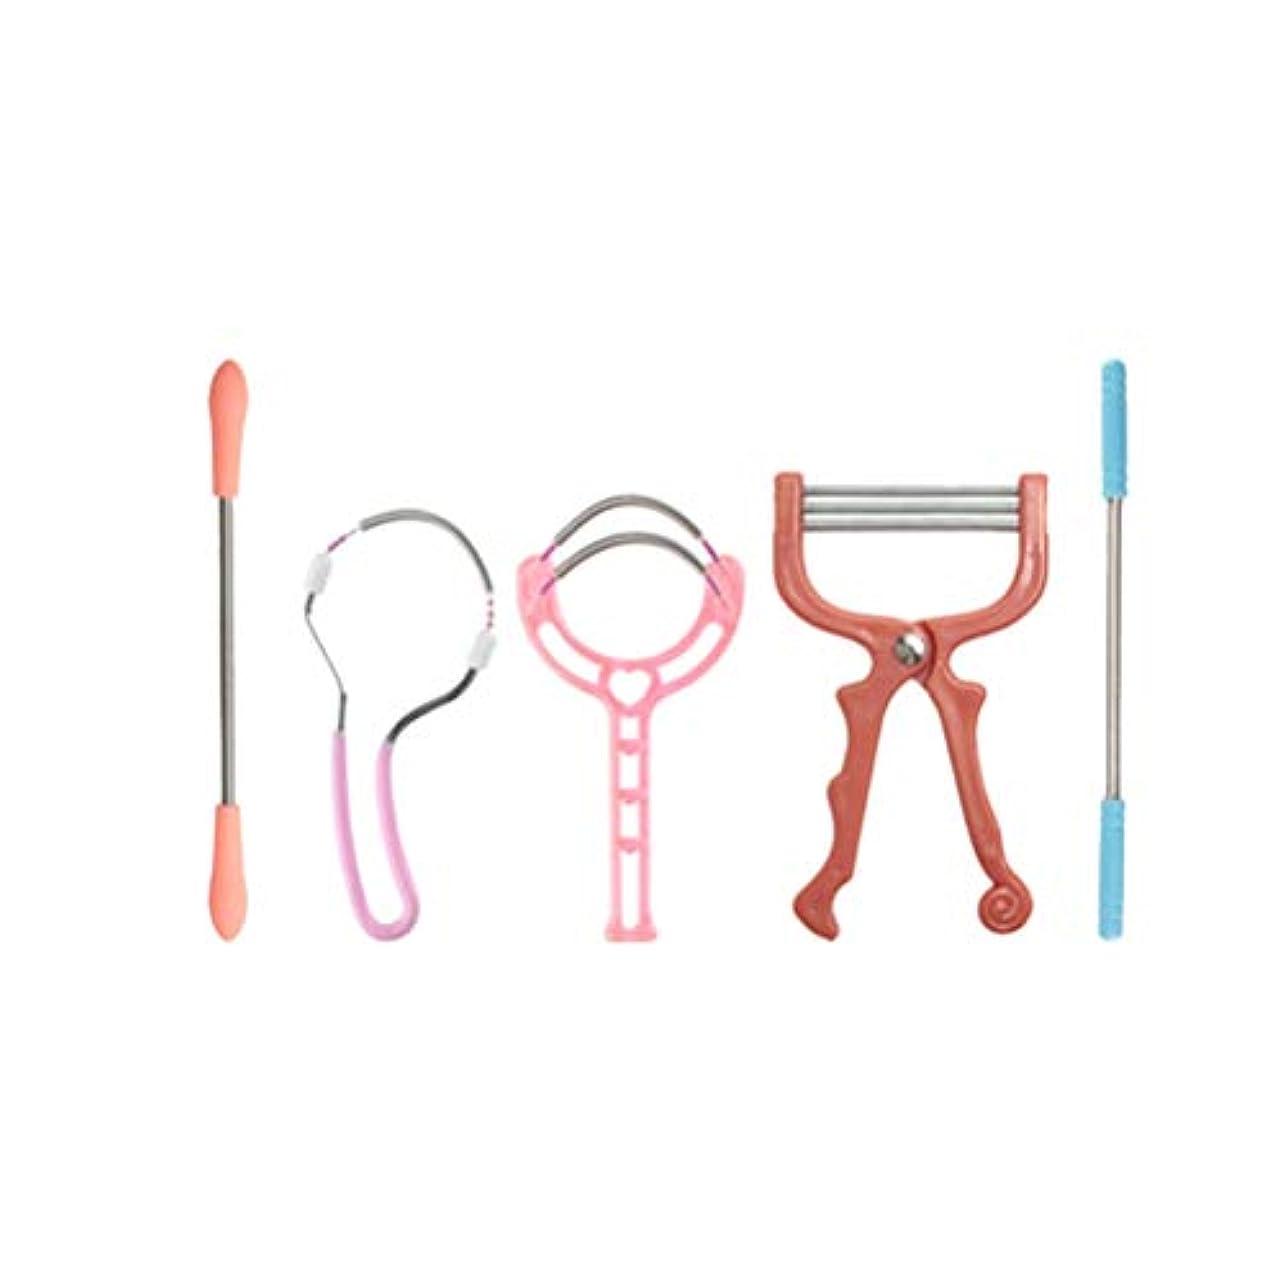 アコー不条理論理Heallily 顔の毛リムーバー脱毛キットステンレス製の脱毛器は、上唇、あご、顔、または屋外の家の旅行のための首脱毛ツールの毛シェーバーに直面している(5個)